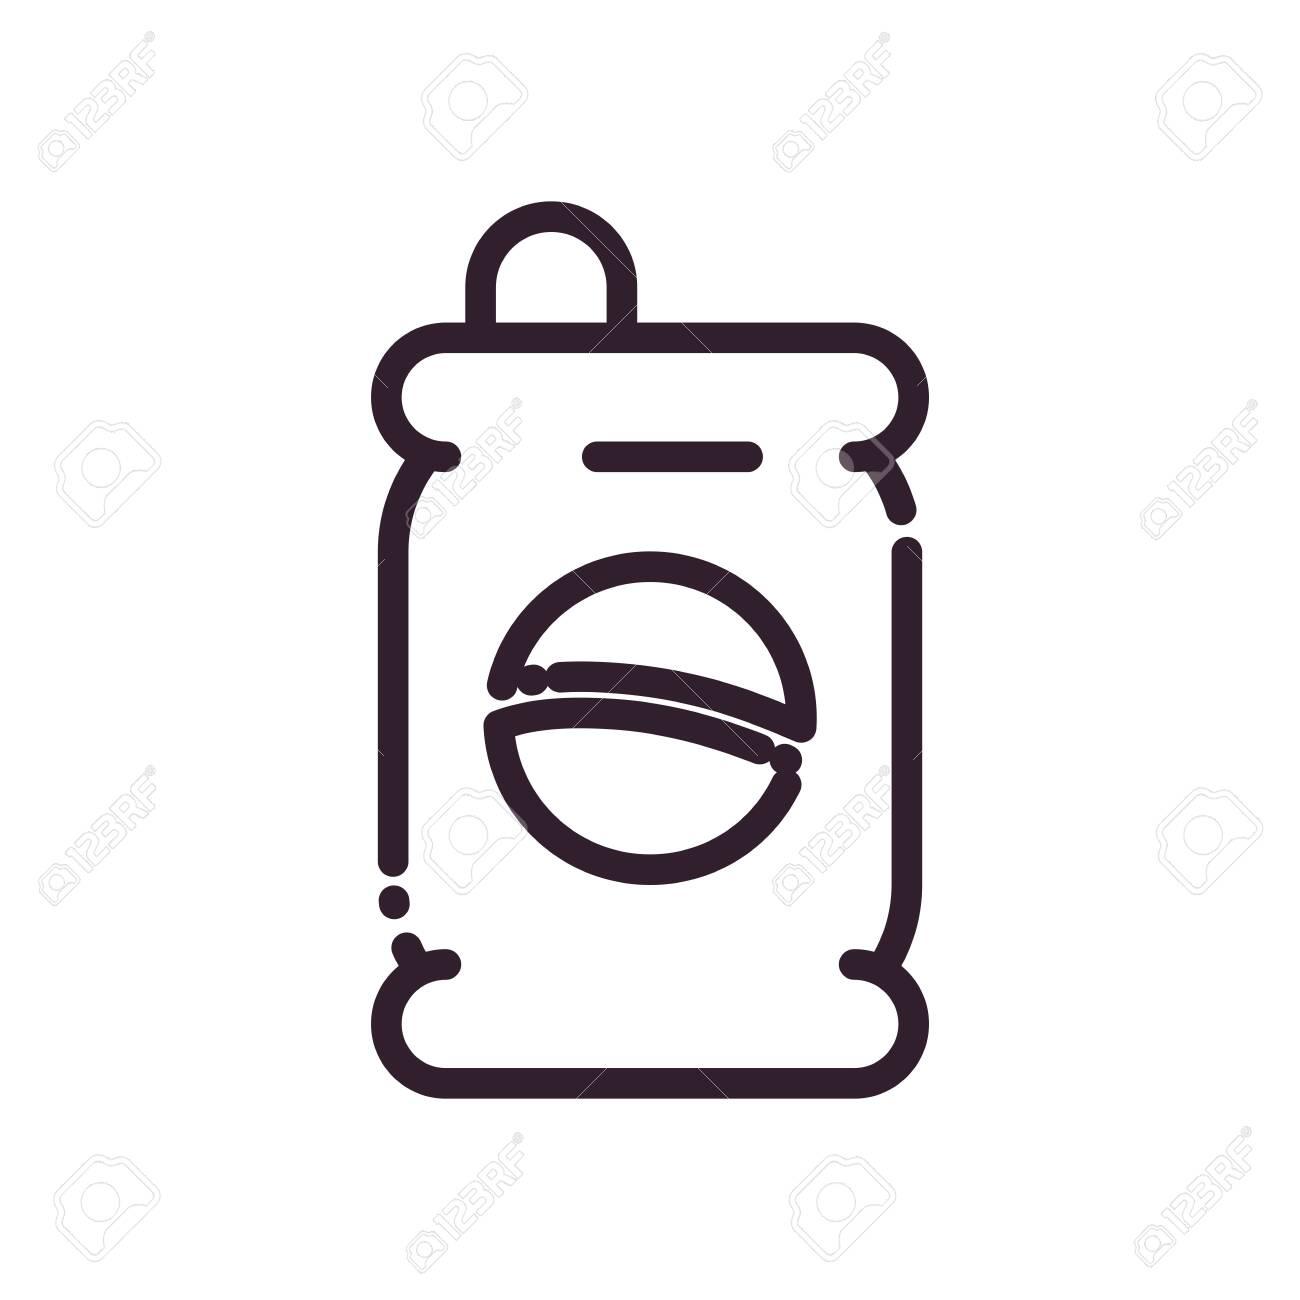 Soda Can Drink Line Style Icon Design Beverage Liquid Menu Restaurant Lunch Refreshment Kitchen And Meal Theme Vector Illustration Ilustraciones Vectoriales Clip Art Vectorizado Libre De Derechos Image 149123028